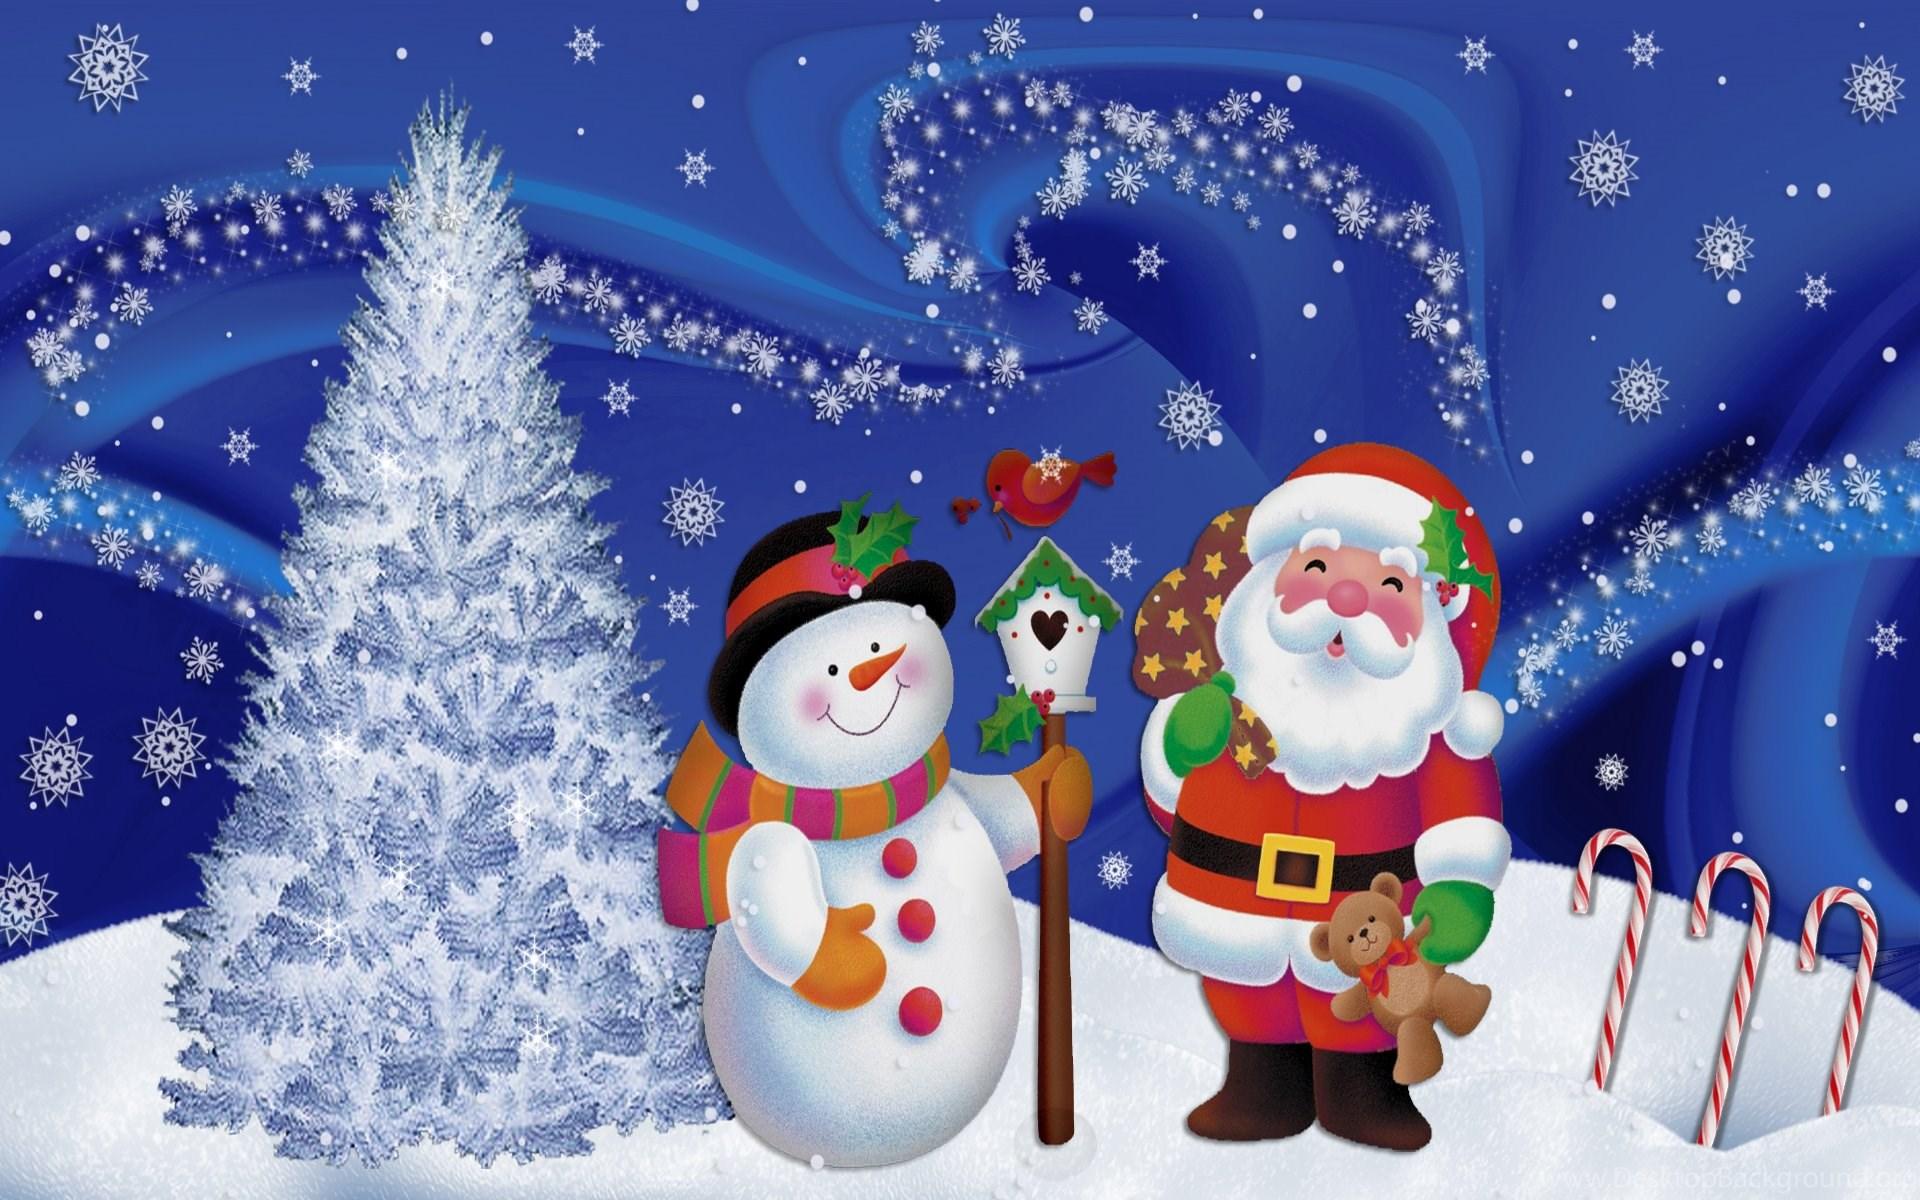 Happy Merry Christmas Wallpapers For Pc Desktop Best Hd Desktop